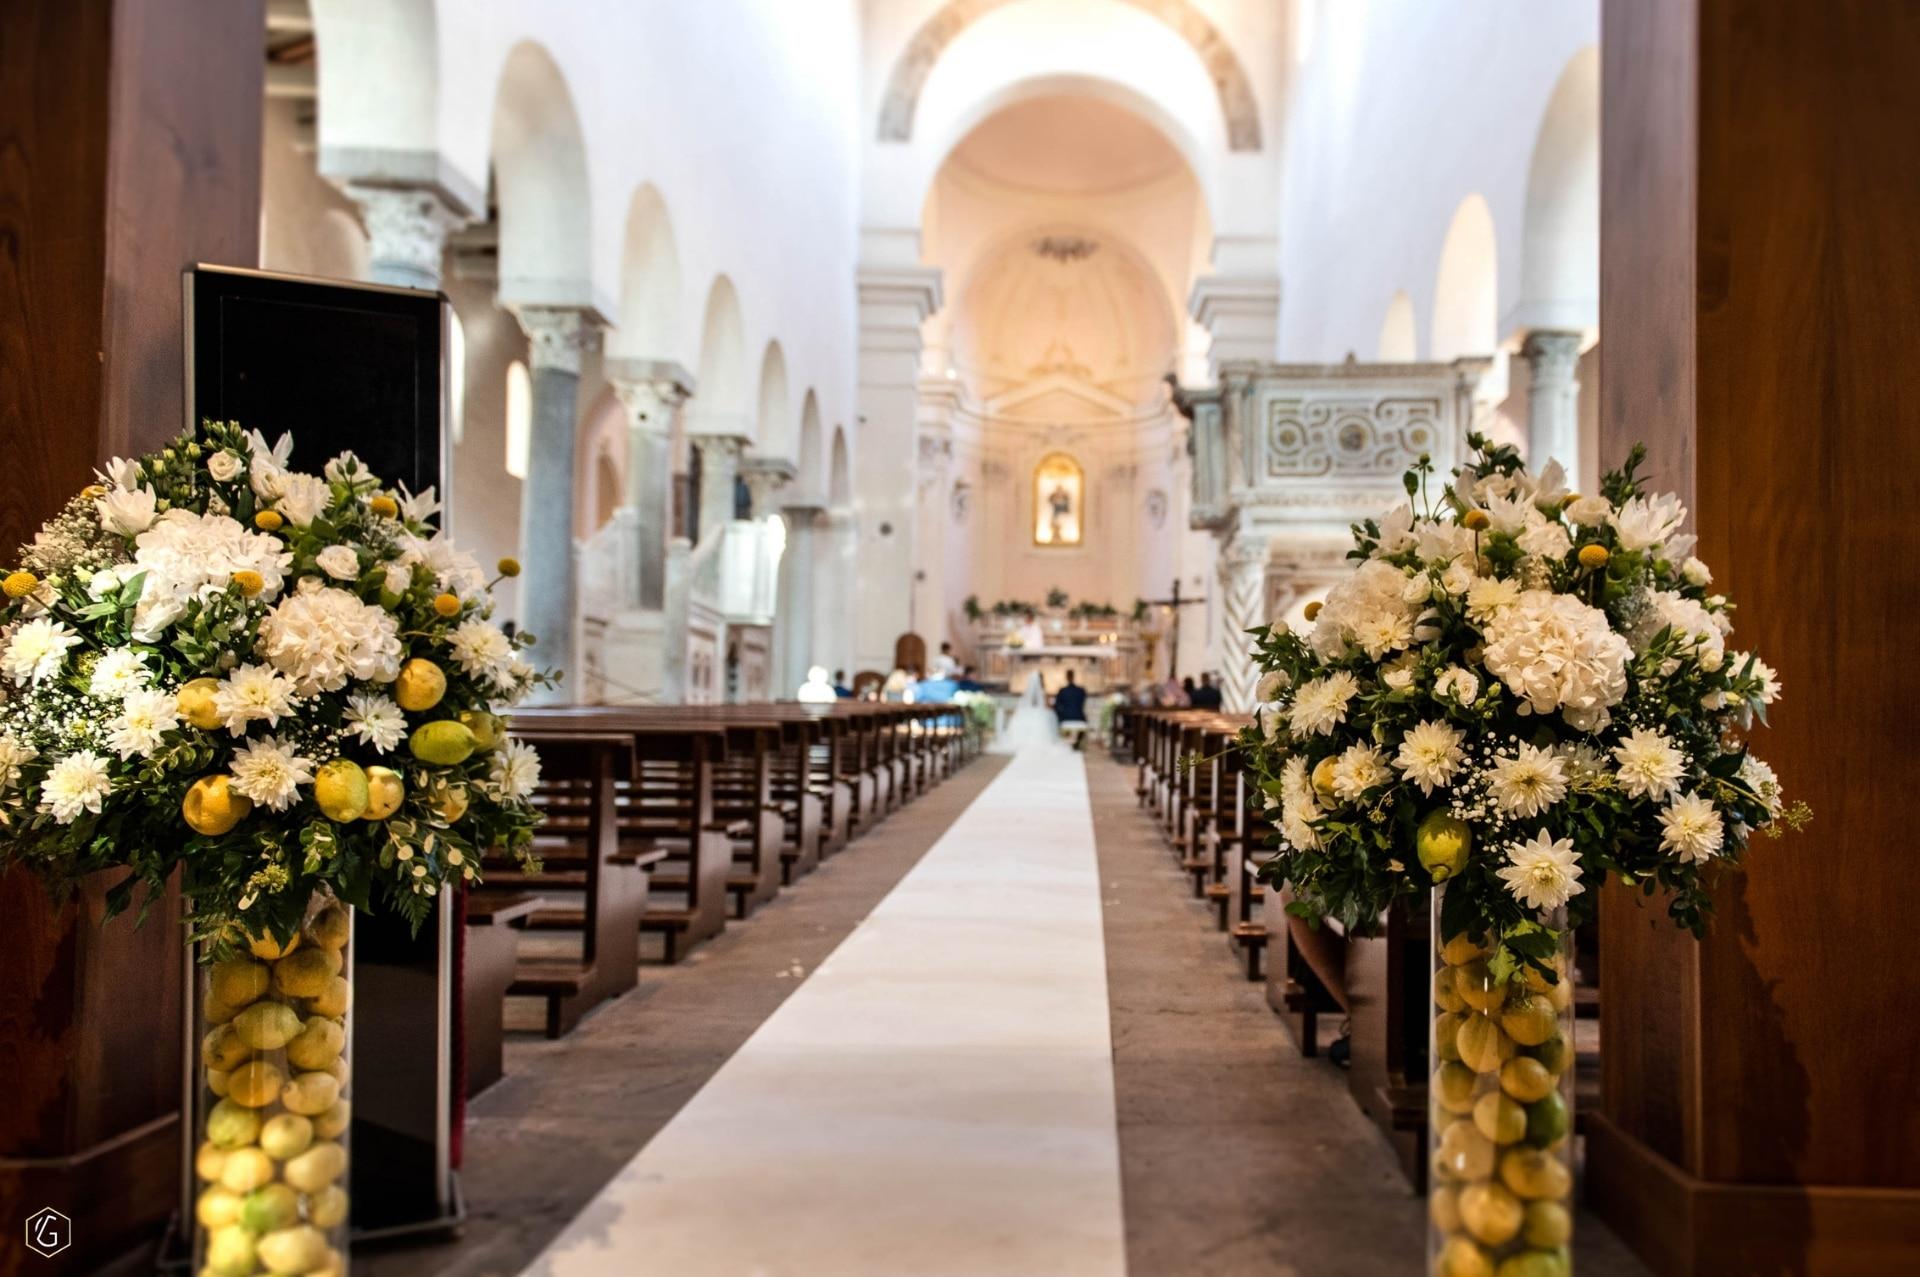 Vilma Wedding & Event Planner _ vestuvių dekoras su citrinom _ bažnyčios puošimas _ Vilma Rapšaitė _ vestuvės Italijoje